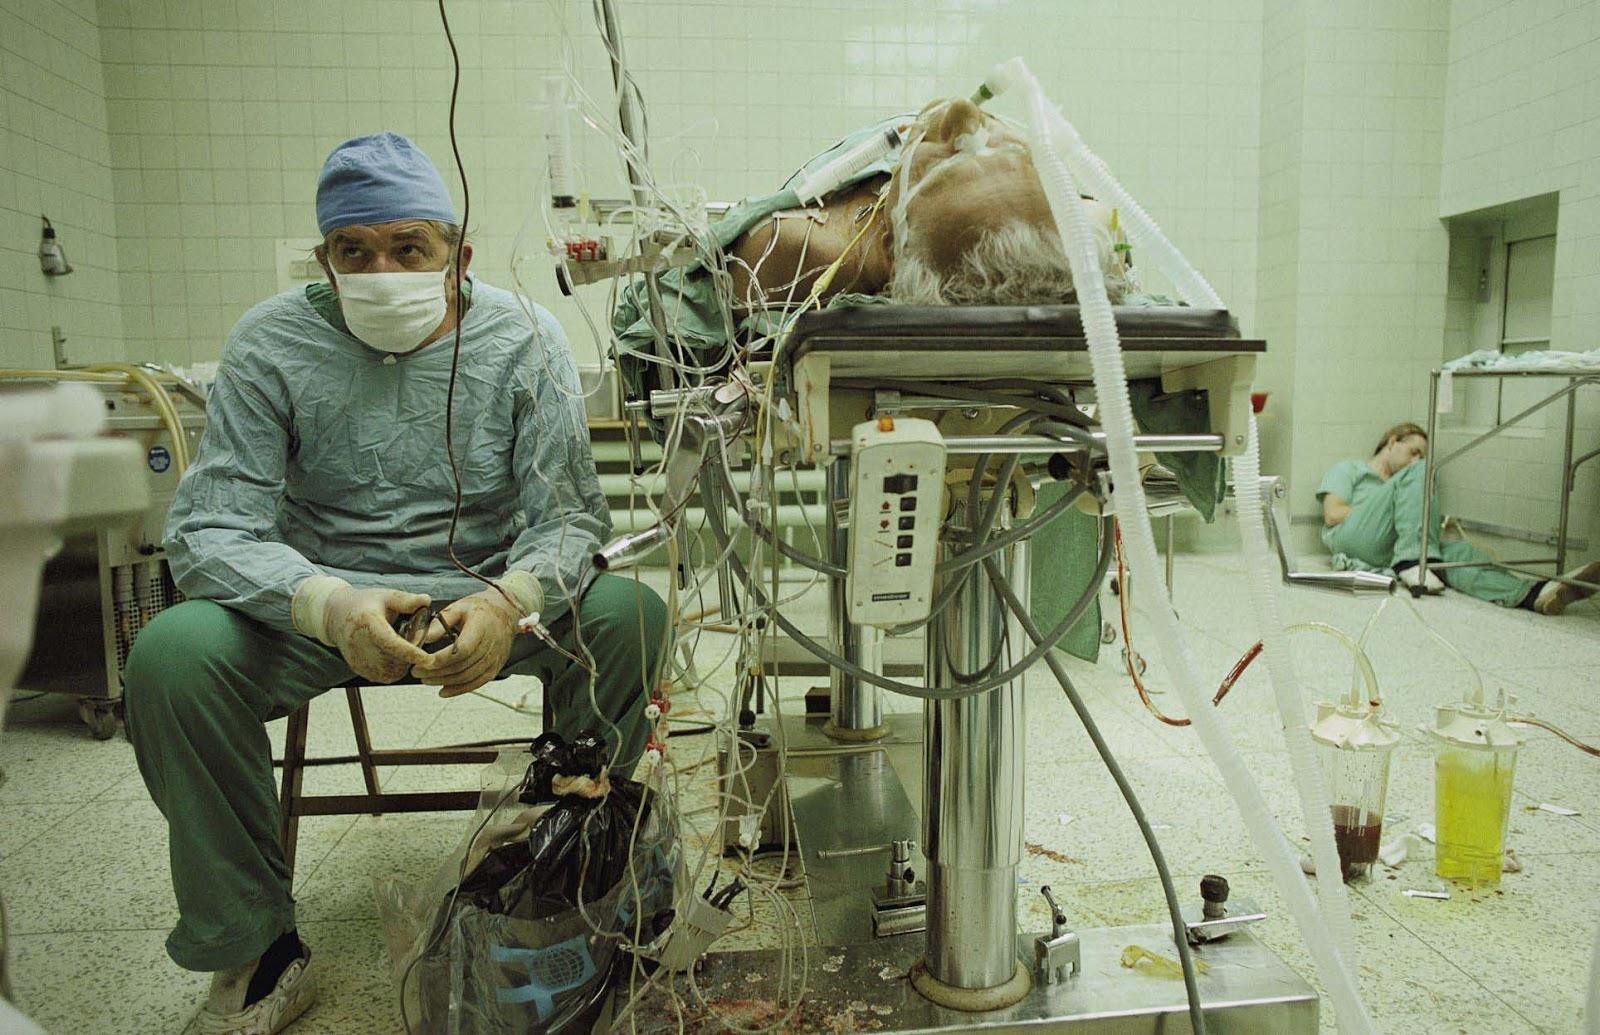 """1987: Една операция, продължила 23 ч. Снимката е наградена със """"Снимка на годината"""" за 1987 г. от """"Нешънъл Джиографик"""" и е вместена в списъка на стоте най-значими снимки в историята."""